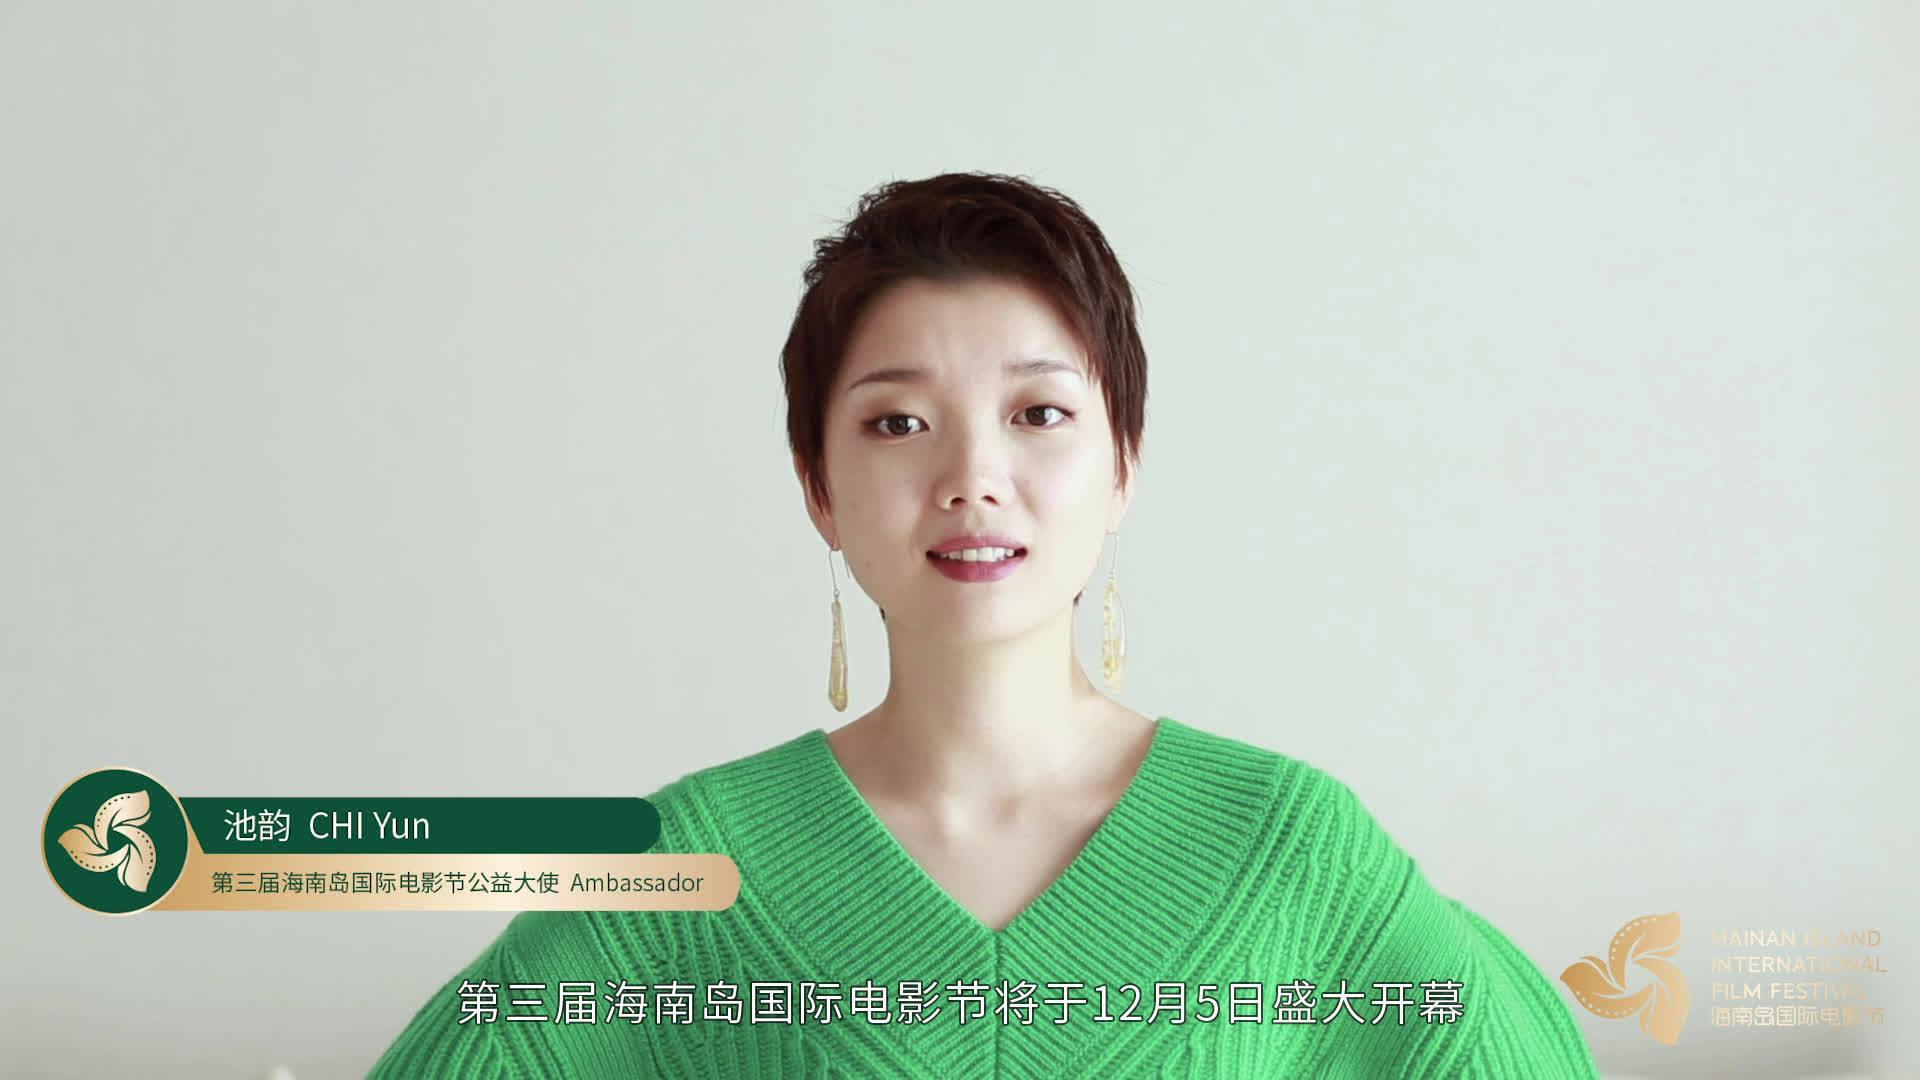 第三届 有幸邀请到池韵担任公益大使,延续电影节的公益力量……